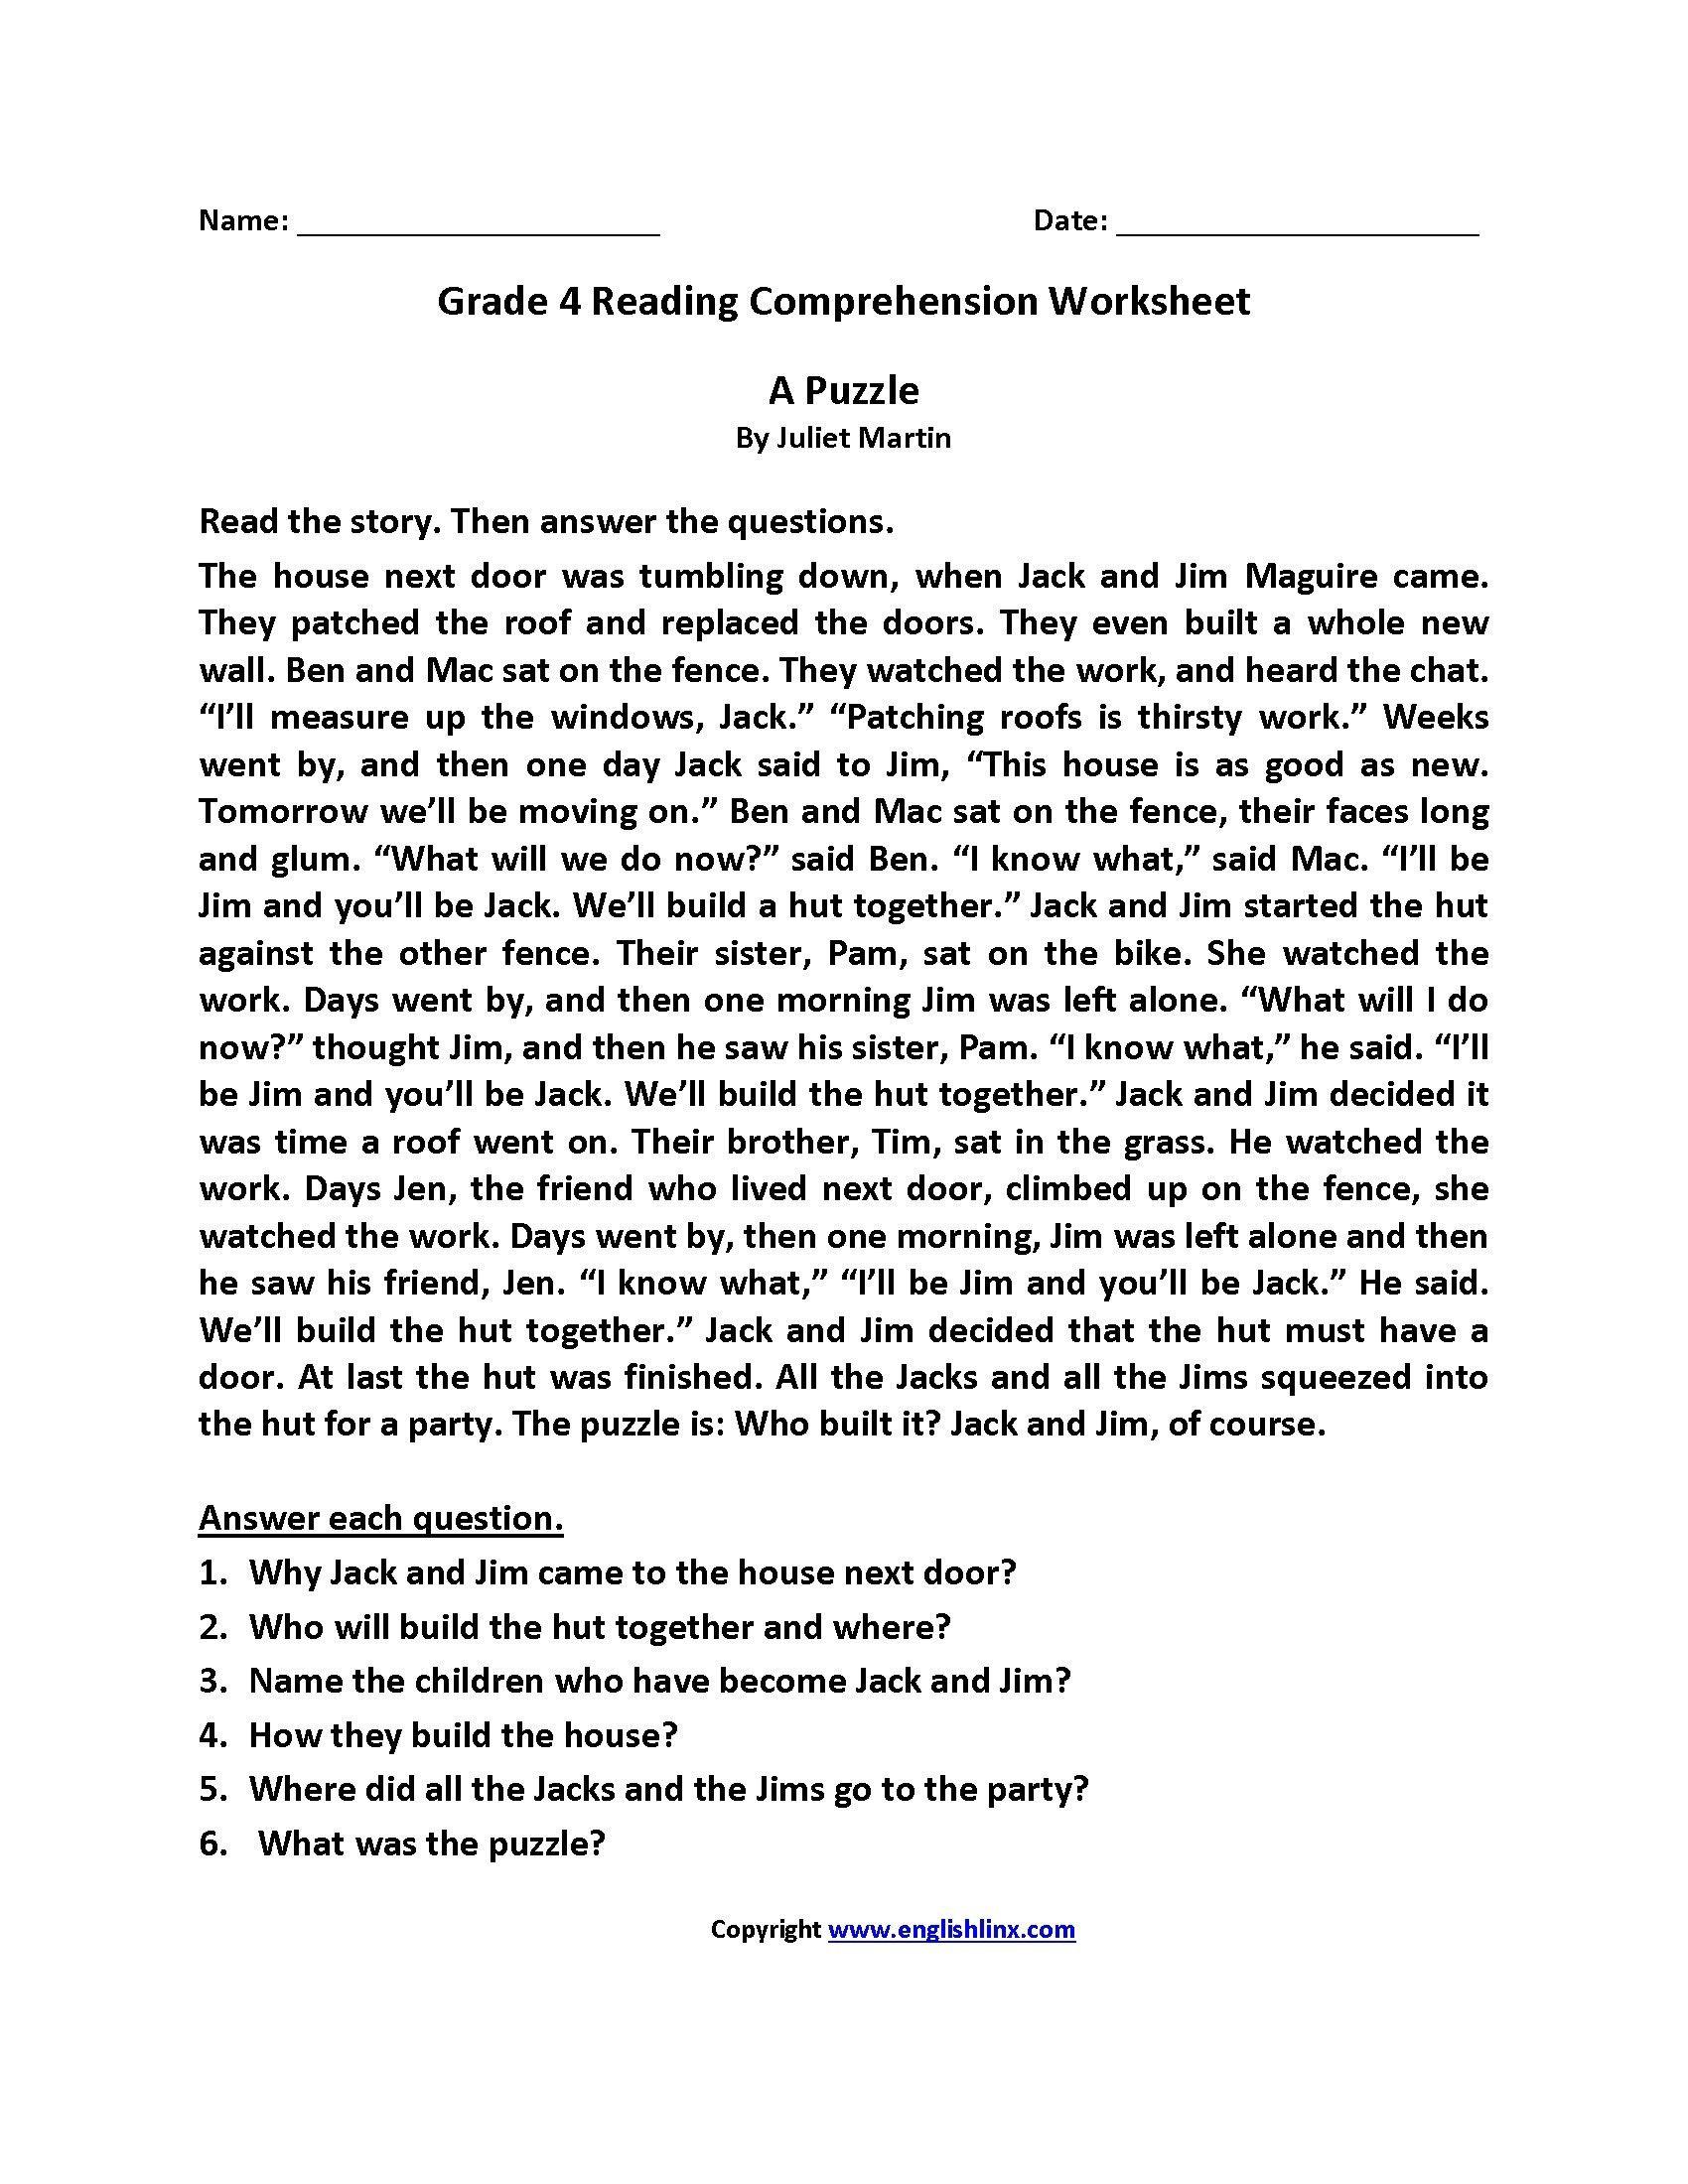 Comprehension Worksheets for Grade 6 4 Worksheet Reading Prehension Worksheets Fourth Grade 4